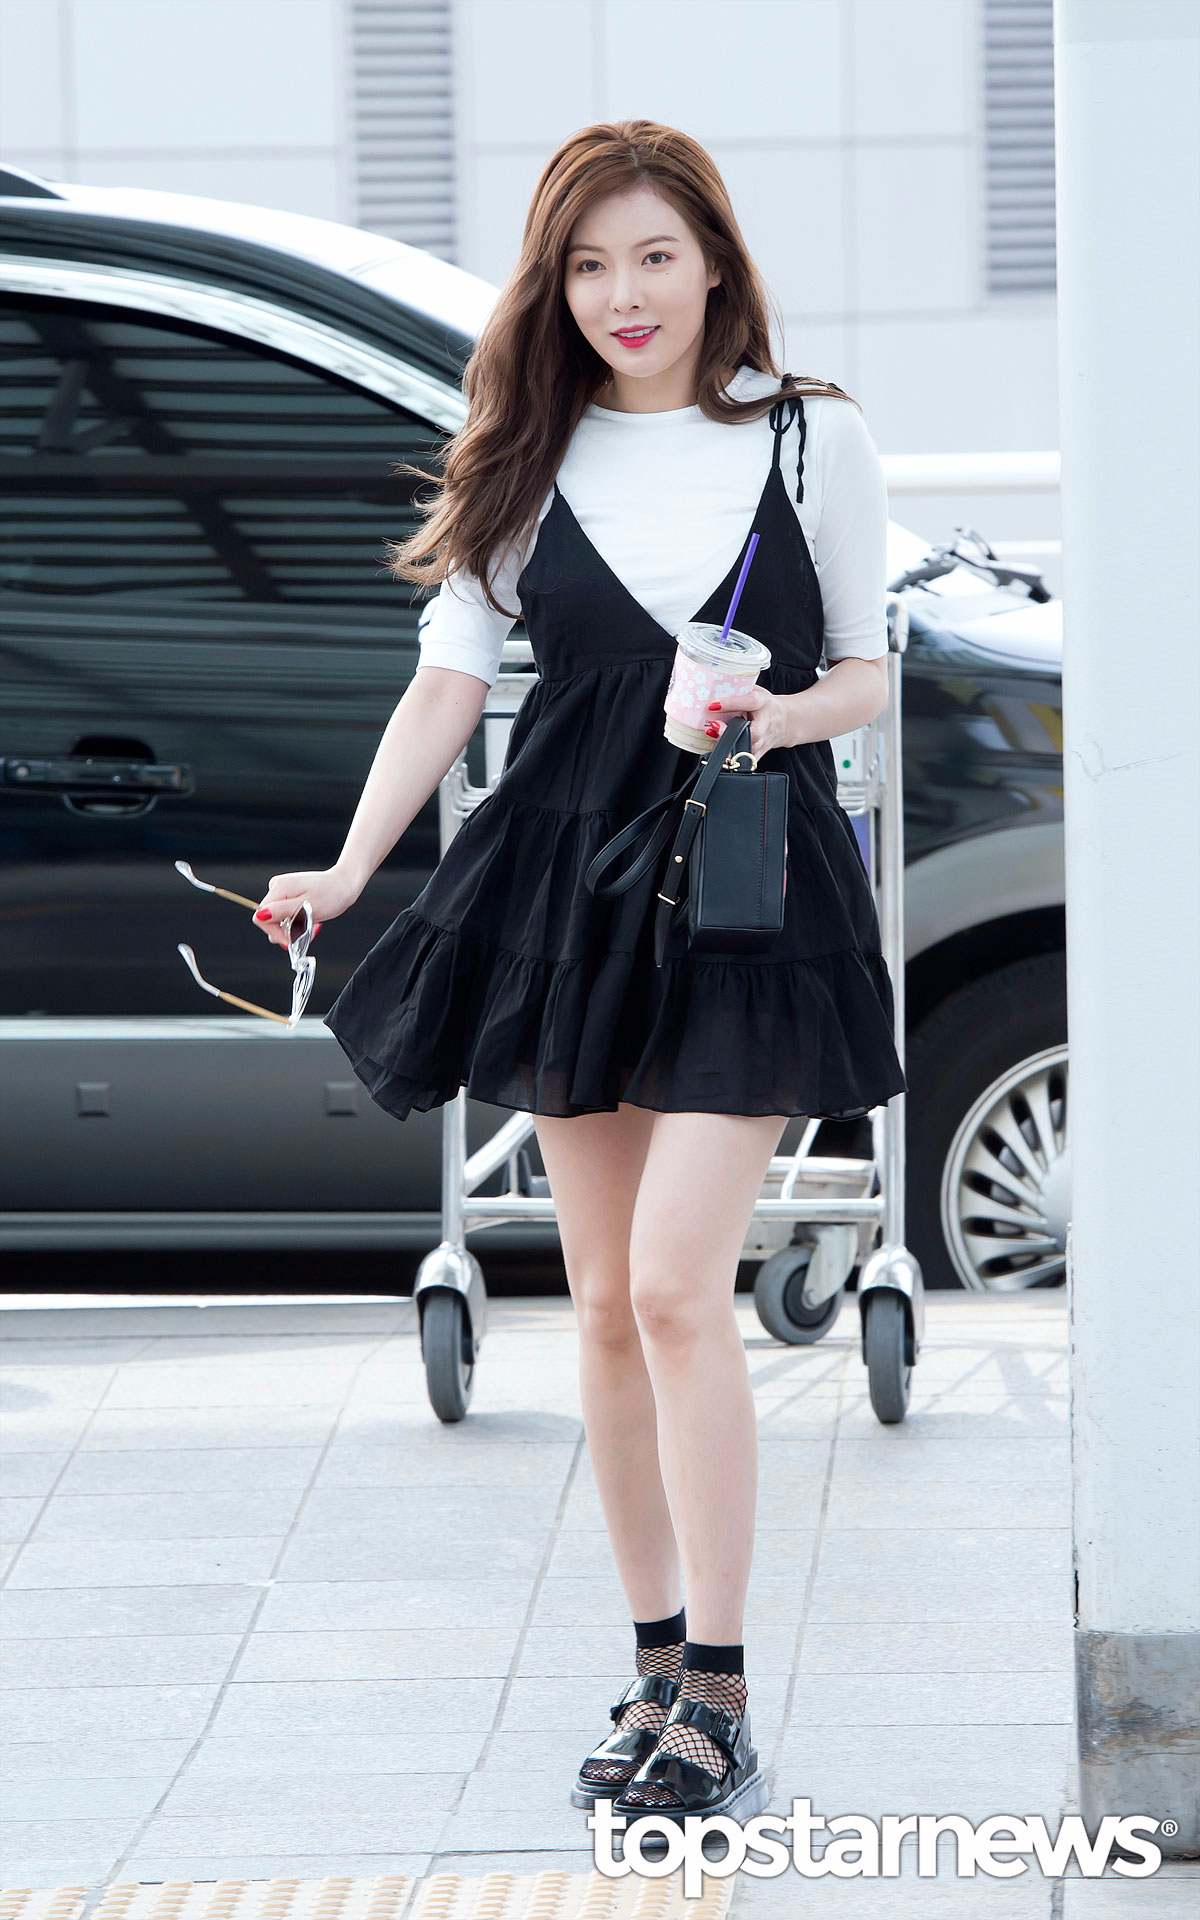 泫雅身上這件黑色背心裙在肩膀的地方做了綁帶設計,裙襬的部分較寬鬆,穿起來會讓腿部看起來更纖細。